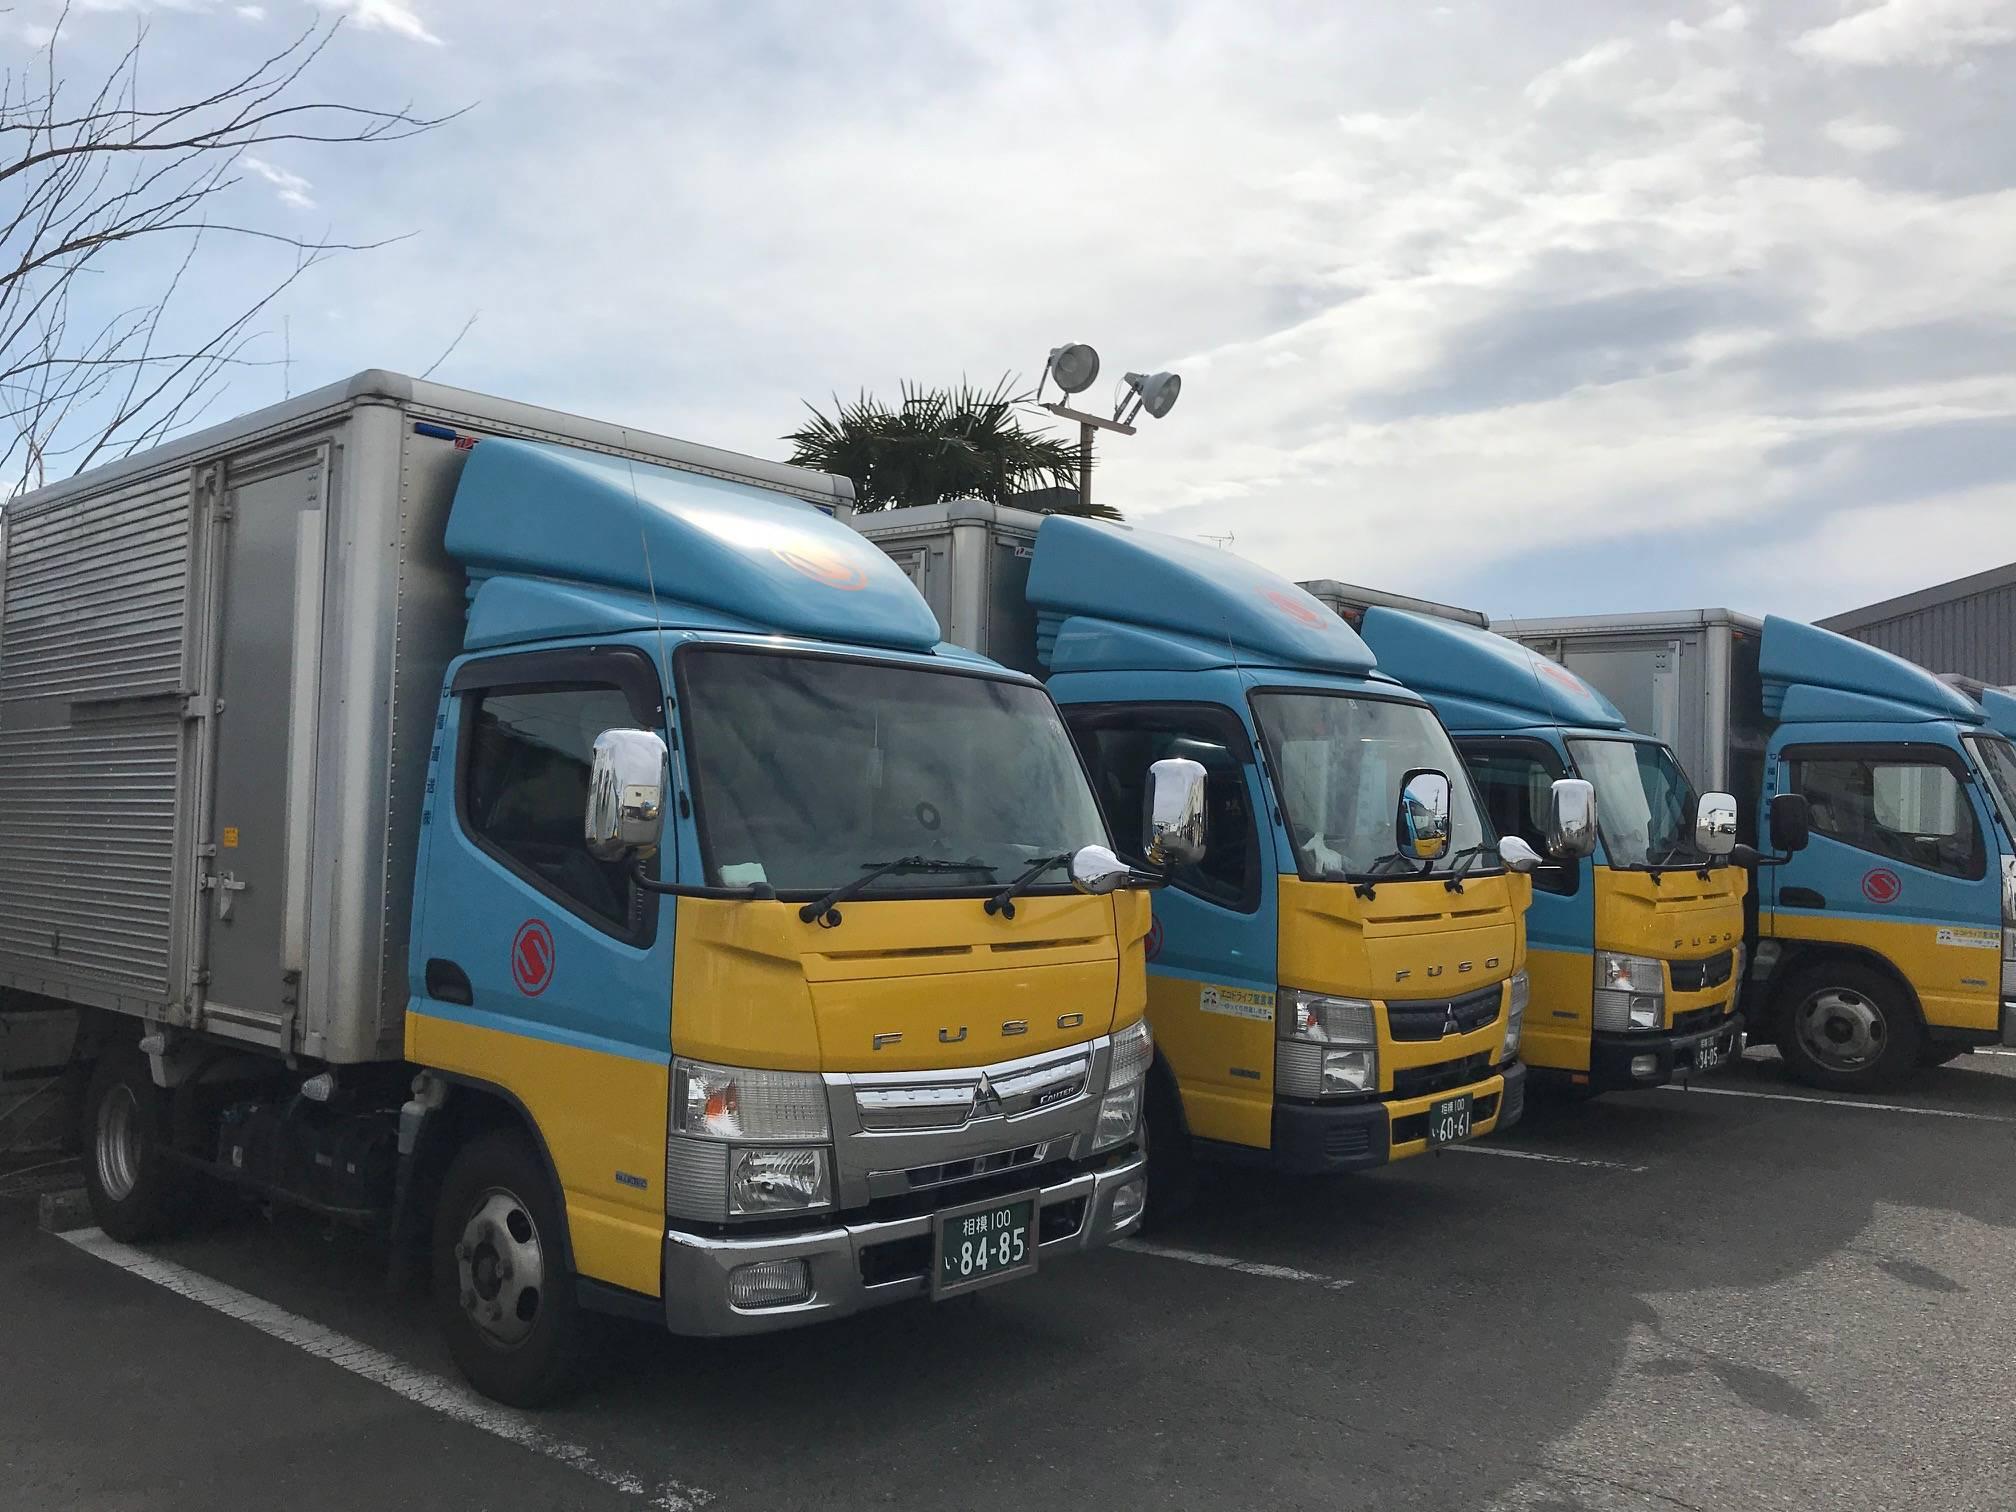 七福運送株式会社